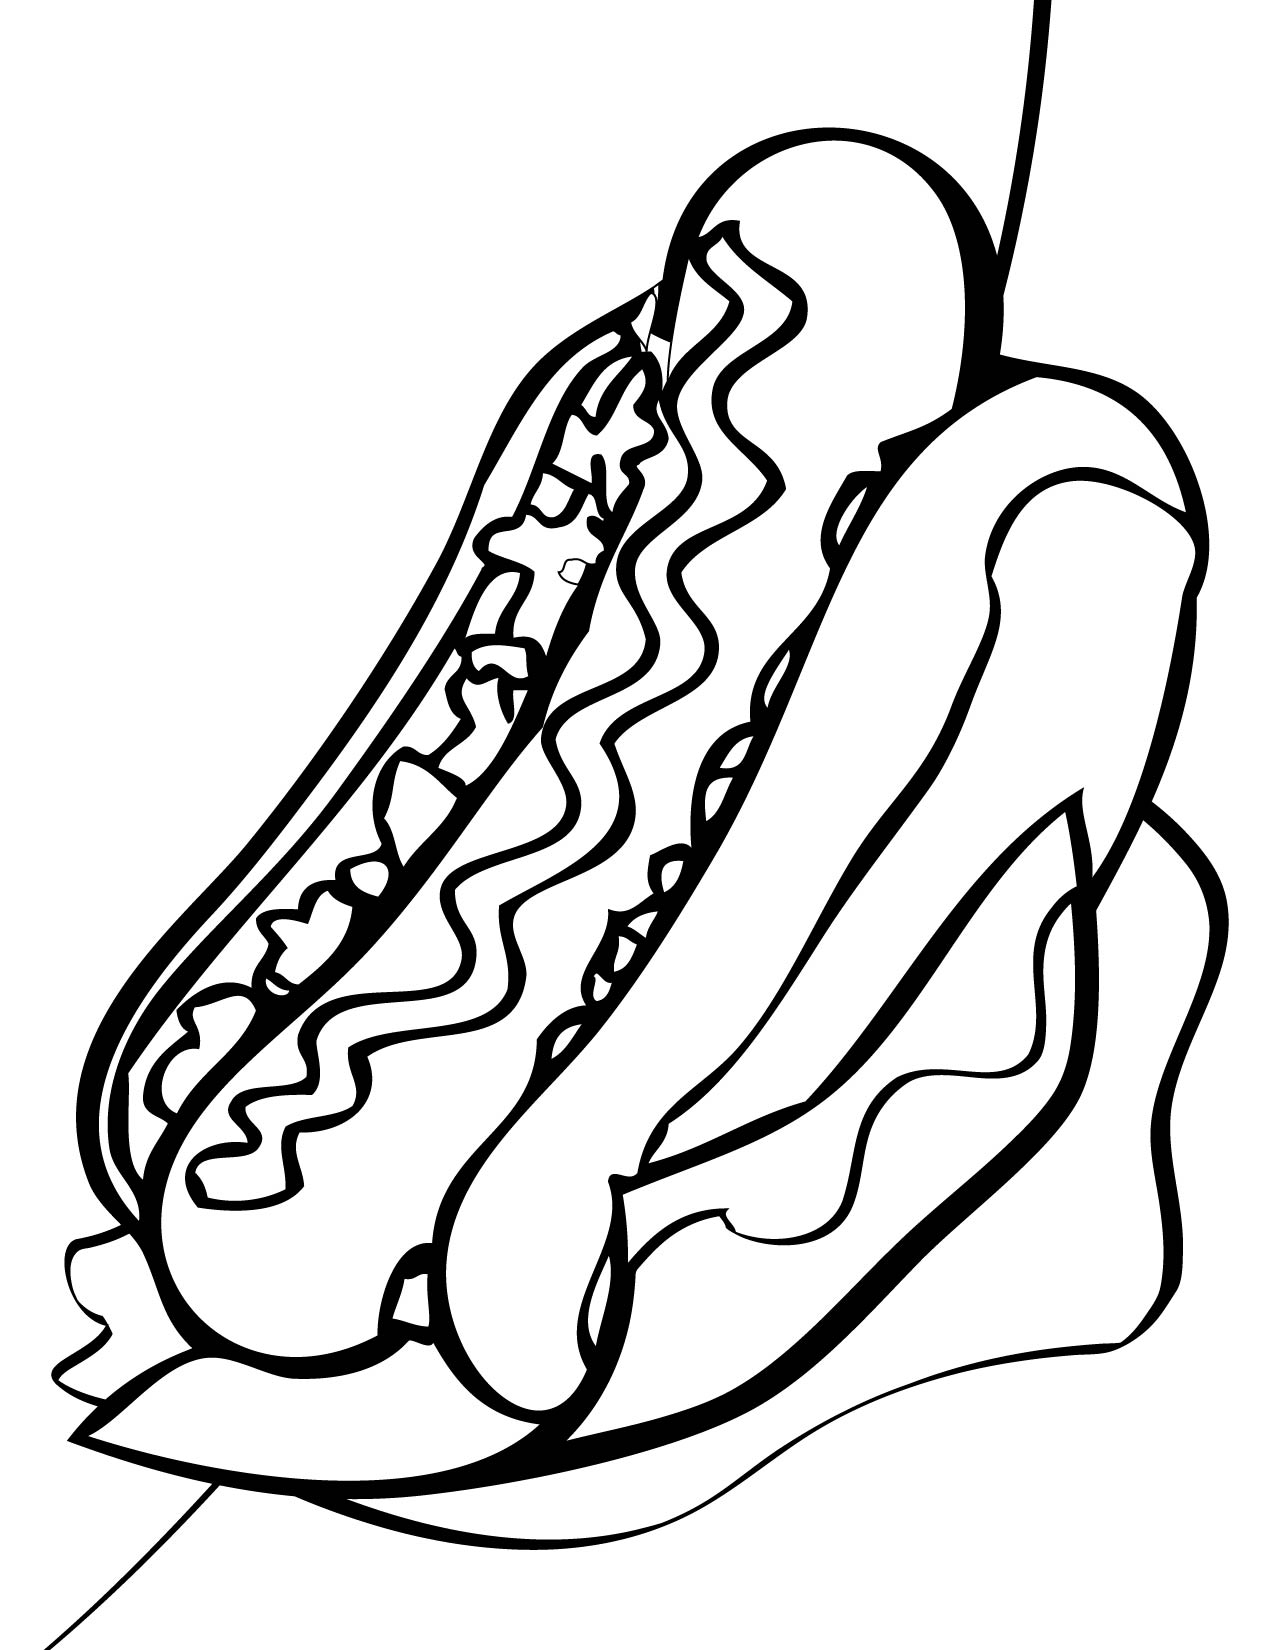 Desenho De Cachorro Quente Com Ketchup E Mostarda Para